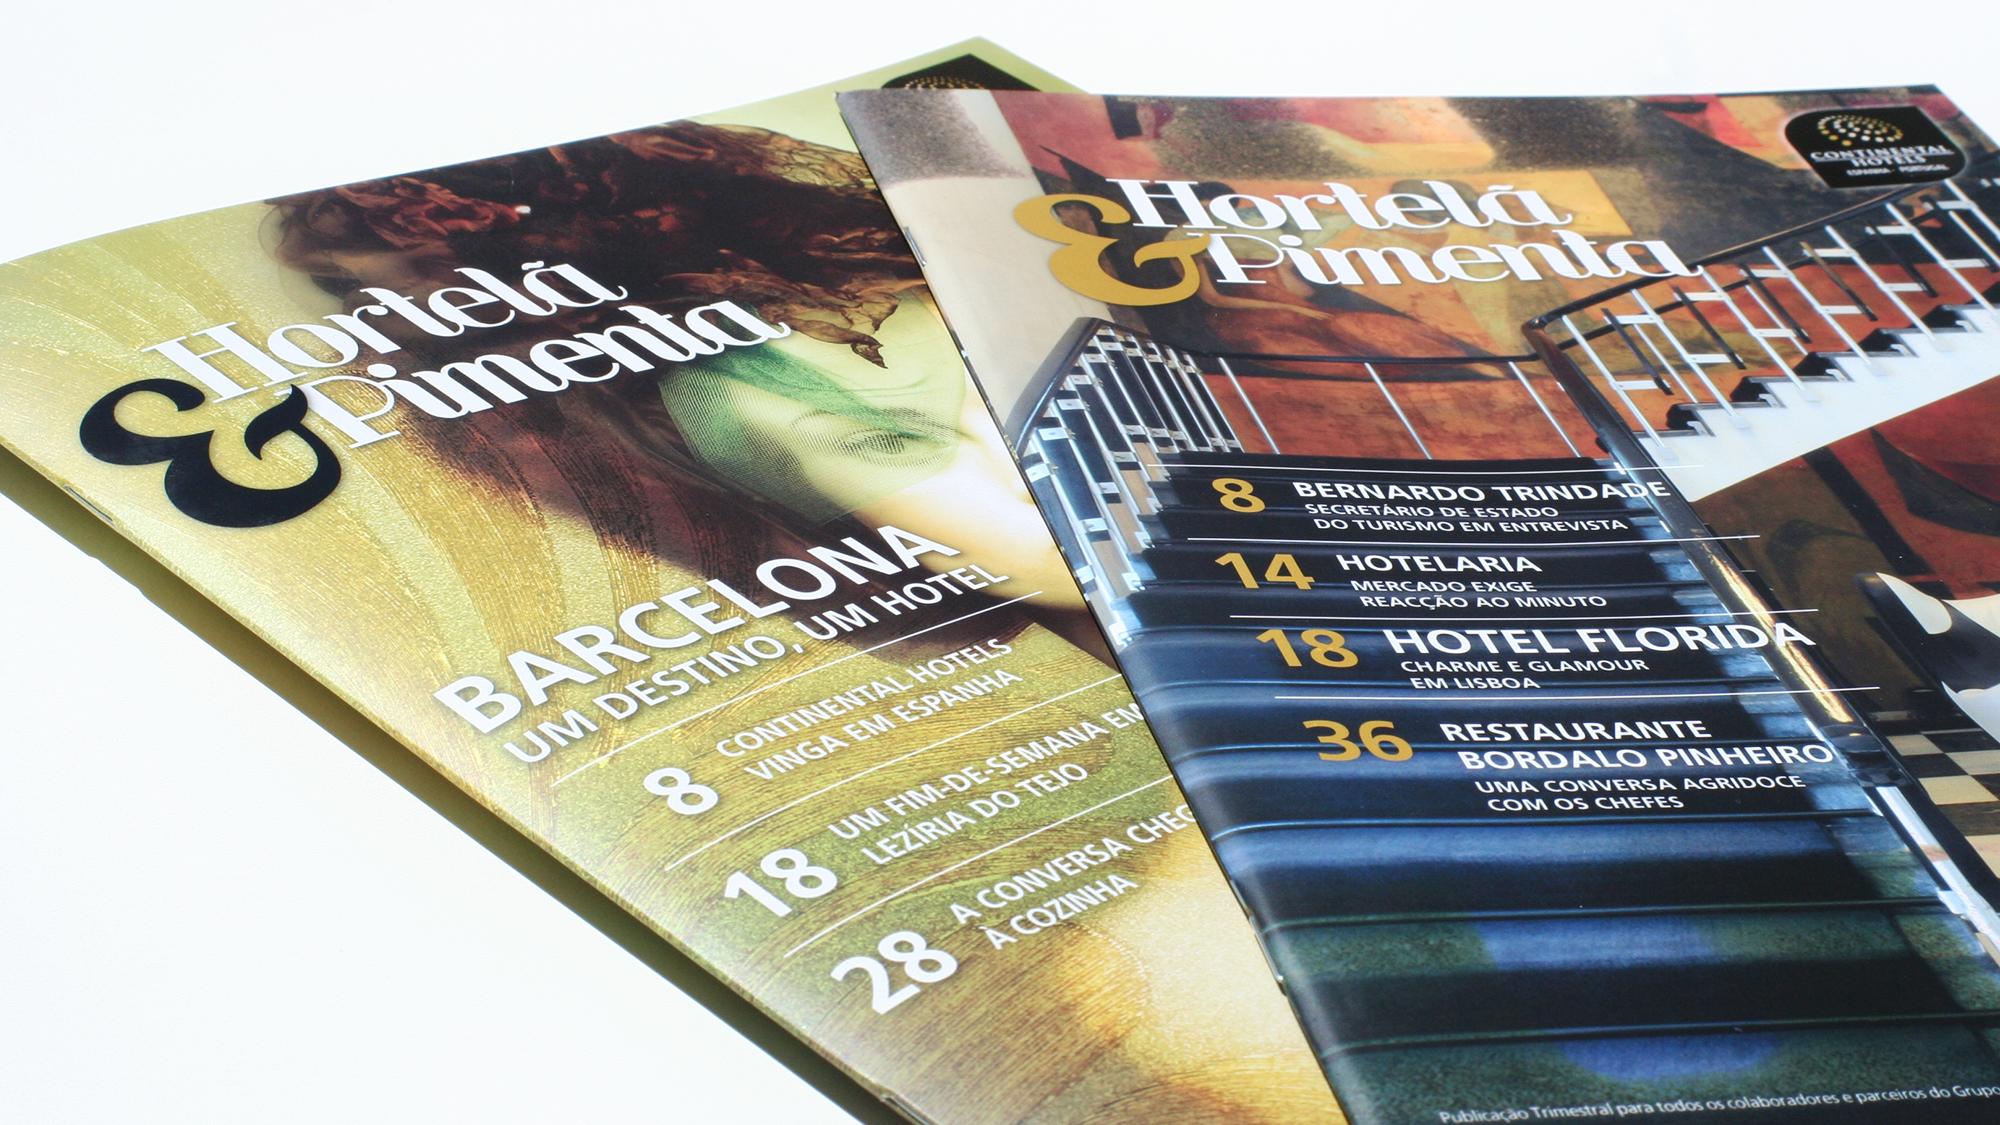 Continental Hotels | Revista Hortelã & Pimenta